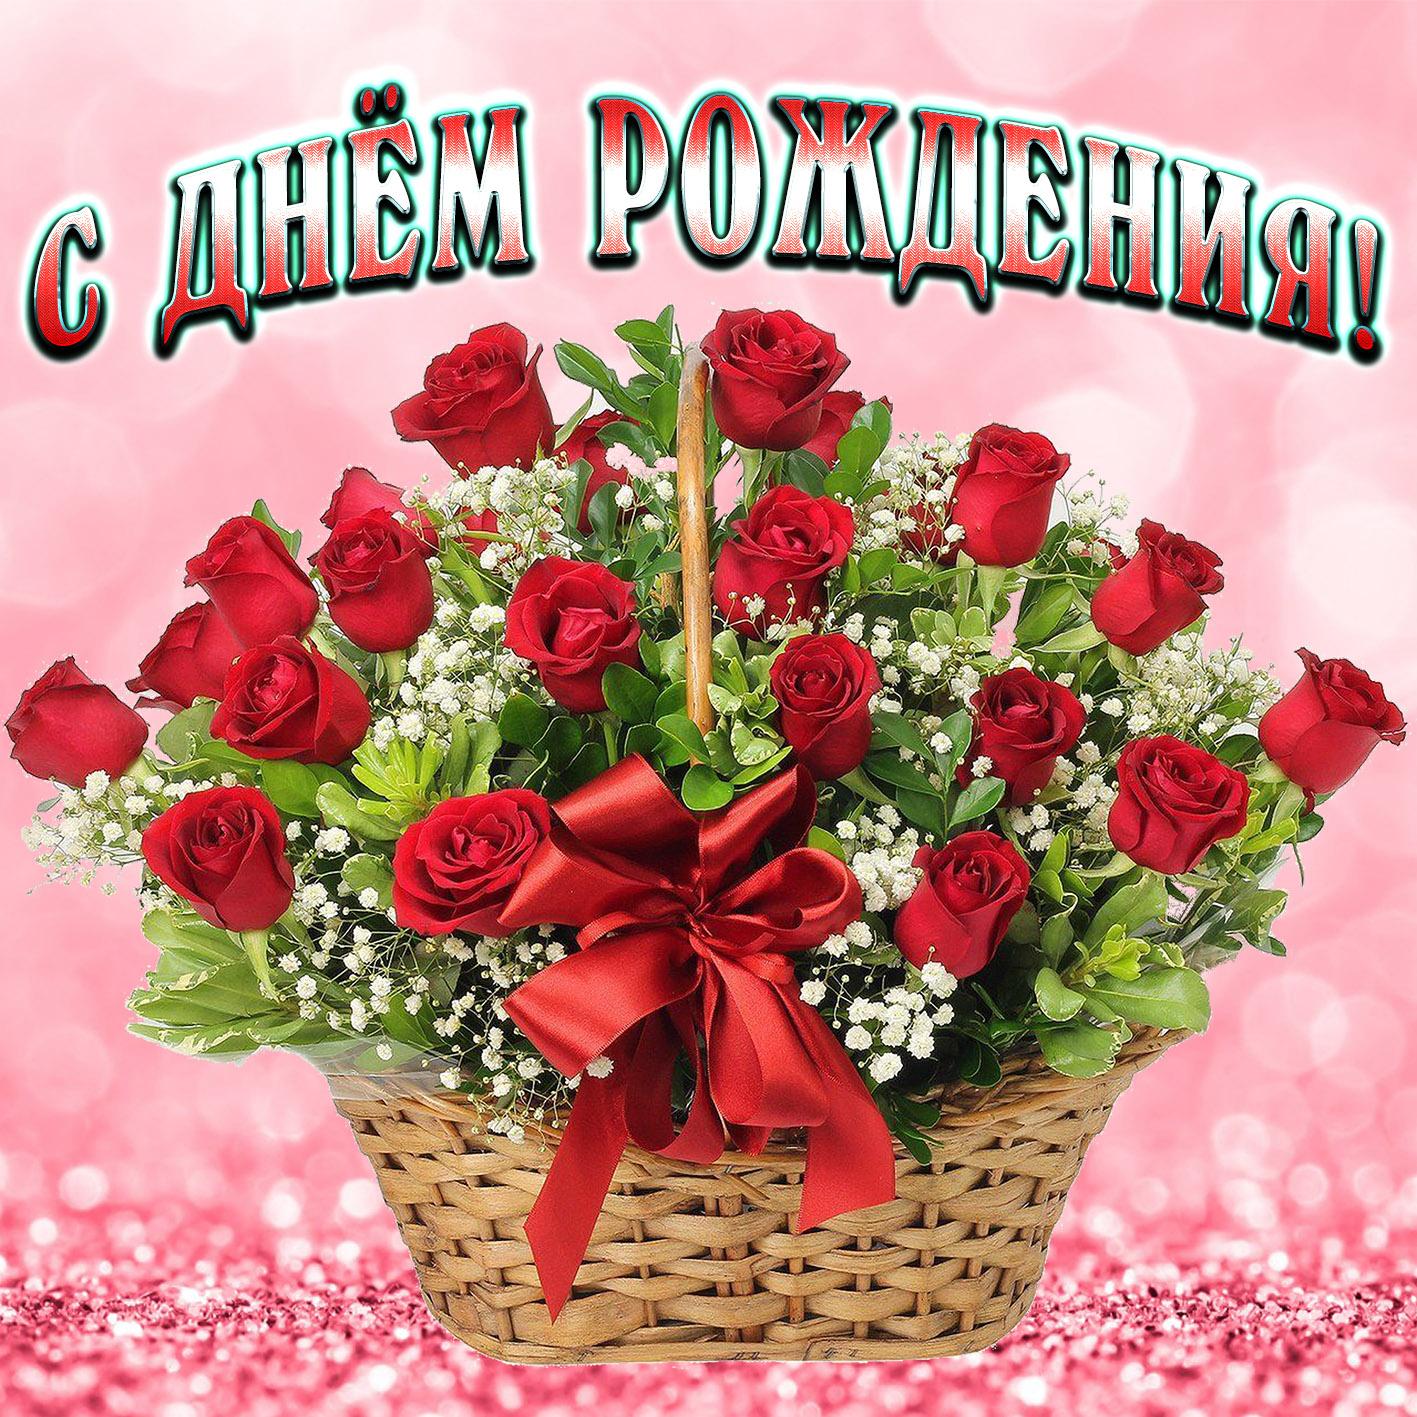 Картинка с корзиной роз женщине на День рождения